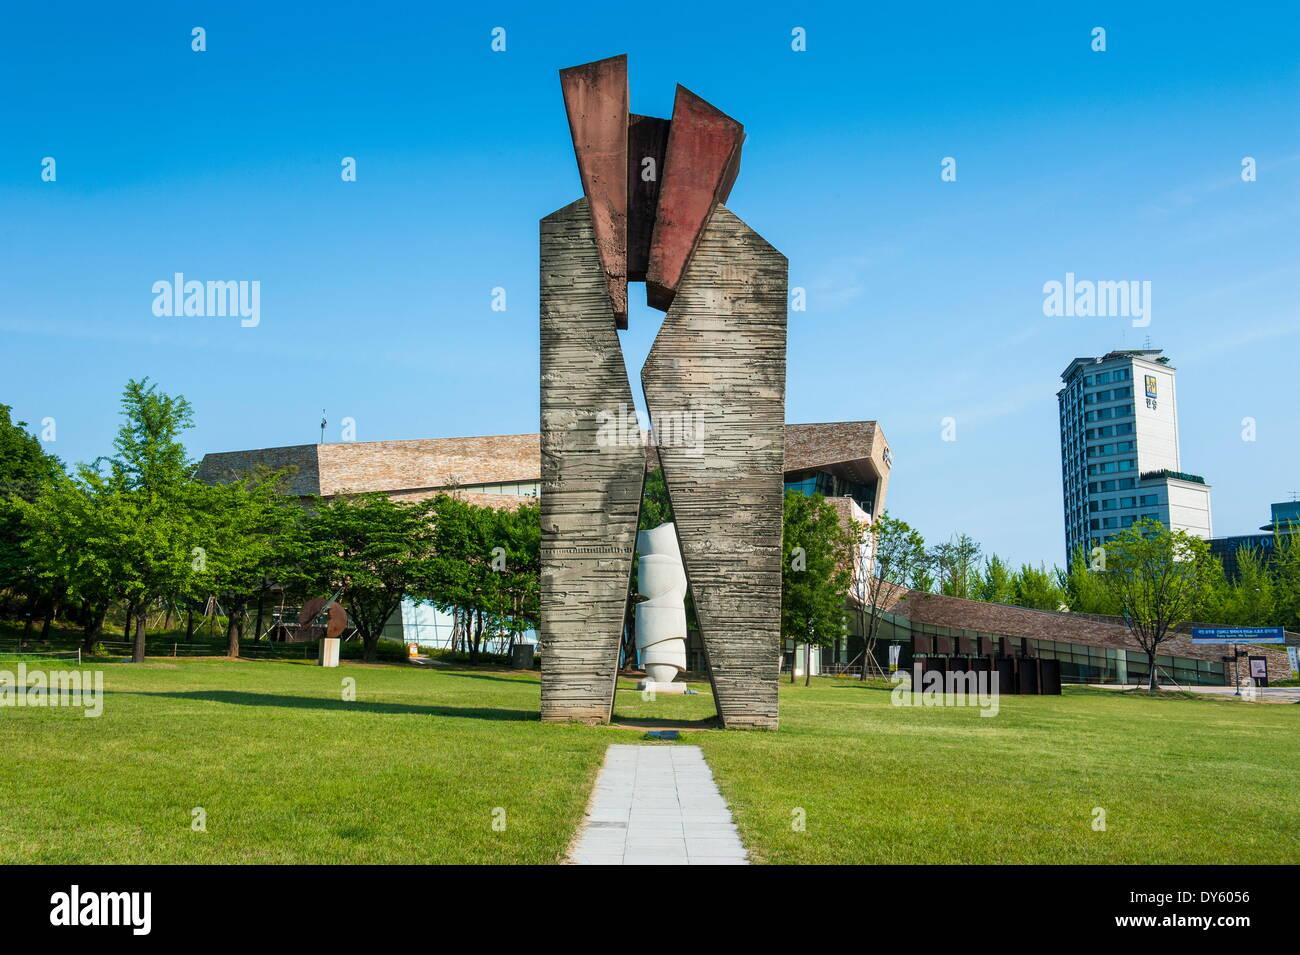 L'art moderne dans le parc olympique, Séoul, Corée du Sud, Asie Photo Stock